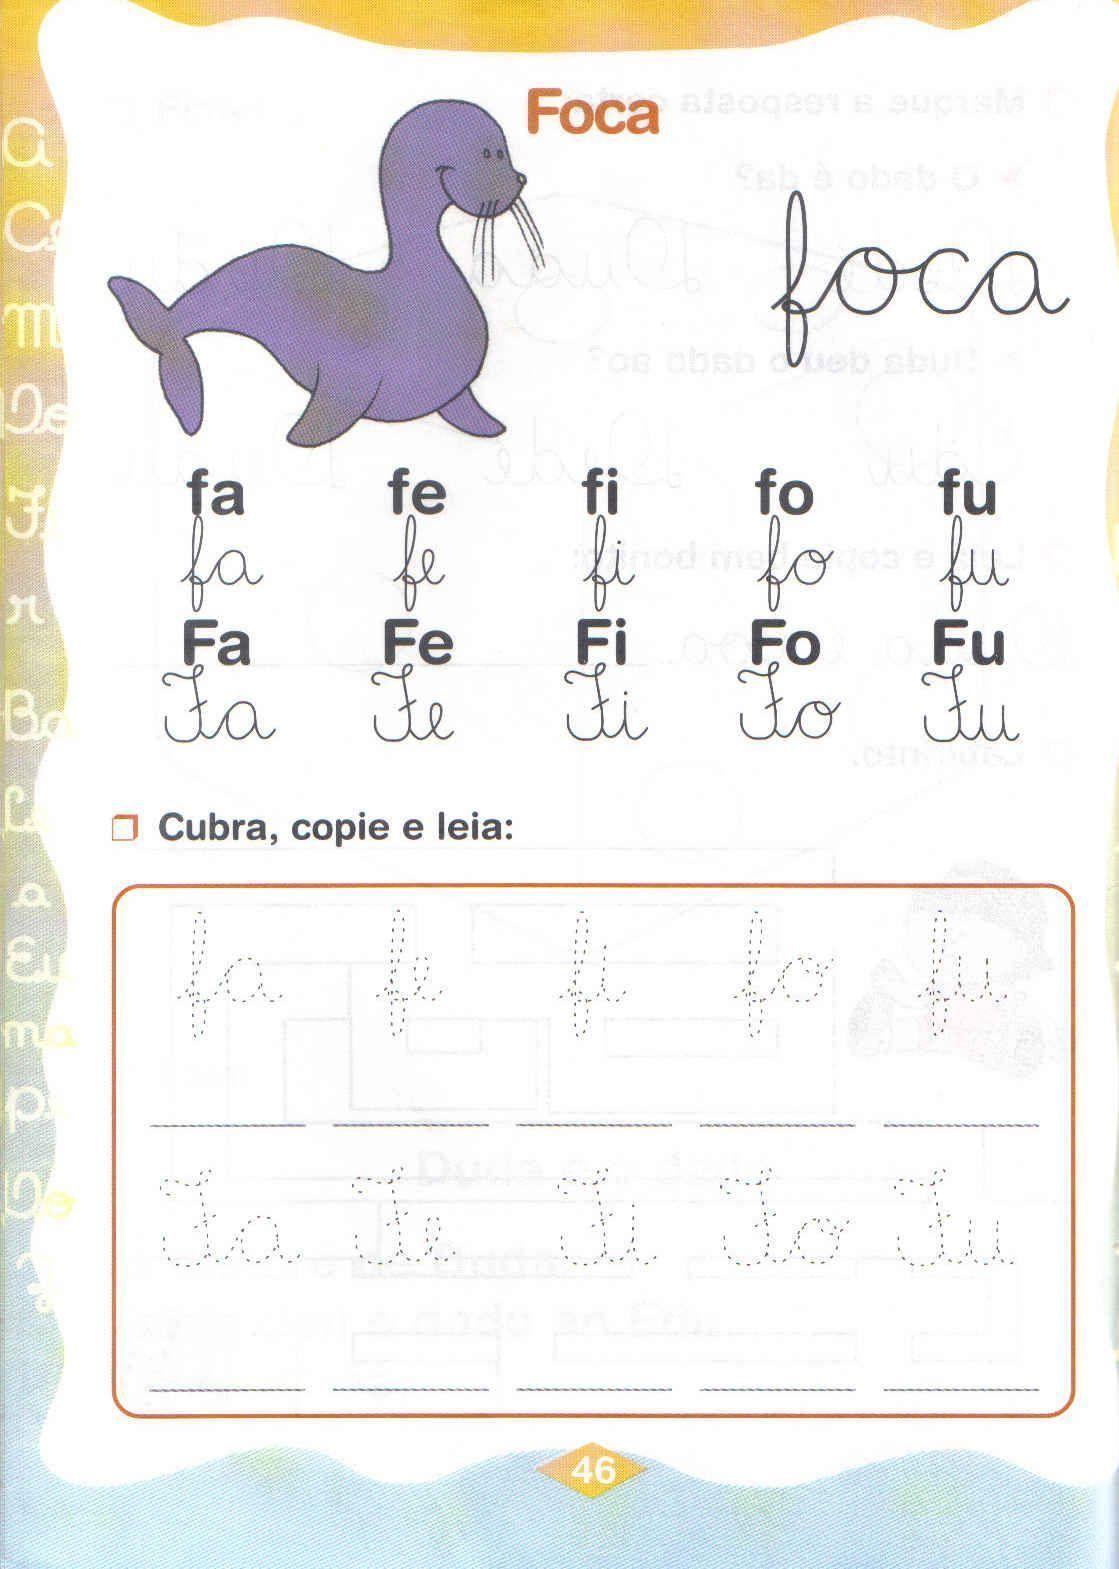 Silabas Fa Fe Fi Fo Fu Atividades Para Baixar E Imprimir Bela